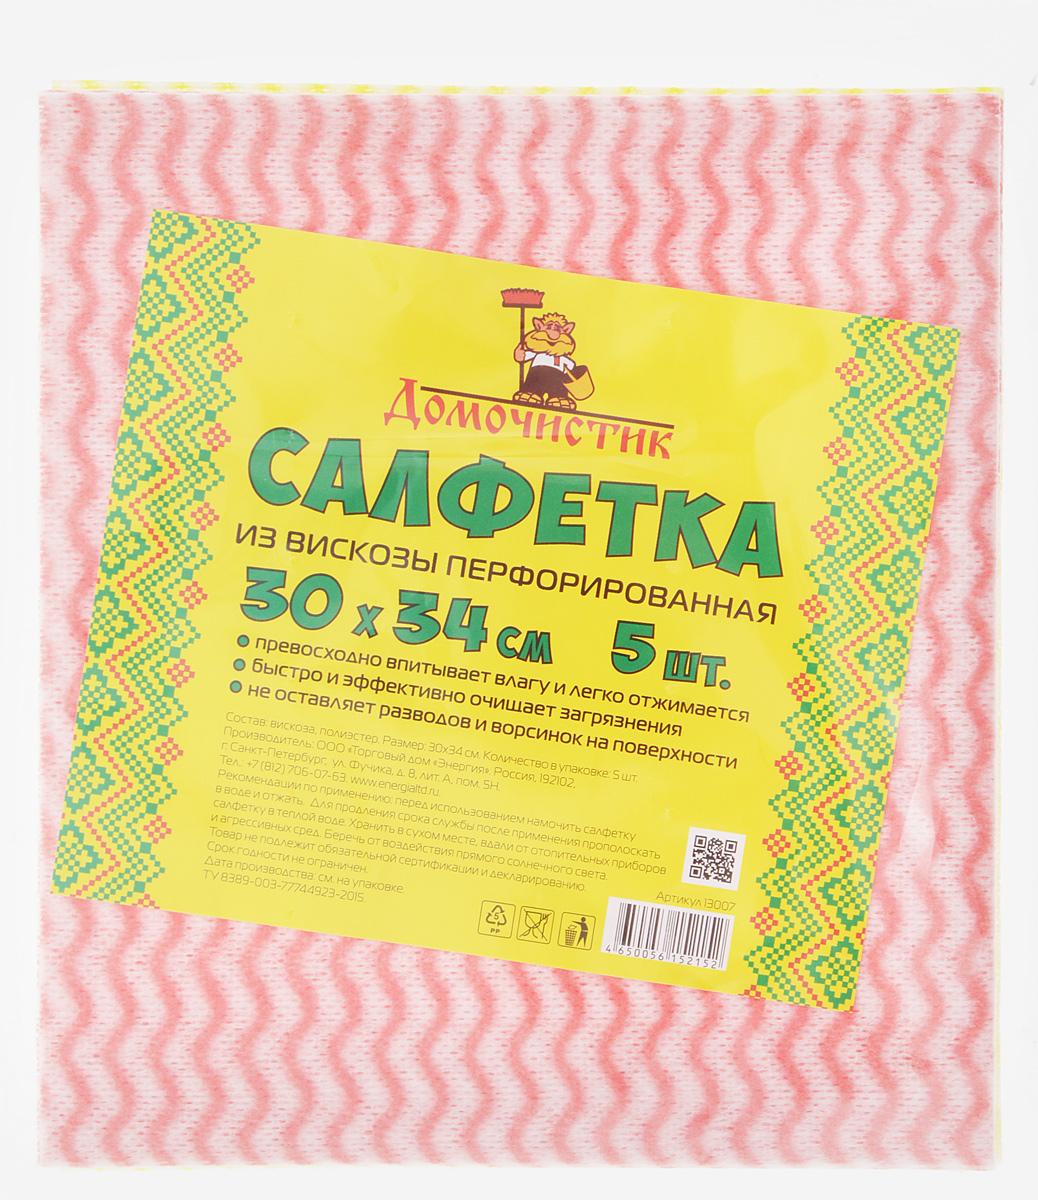 Салфетка для уборки Домочистик из вискозы, перфорированная, цвет: розовый, желтый, 30 x 34 см, 5 шт13007_розовый/жёлтыйПерфорированные салфетки для уборки Домочистик выполнены из вискозы, превосходно впитывают влагу и легко отжимаются. Быстро и эффективно очищают загрязнения, не оставляют разводов. Рекомендации по применению:Перед использованием намочить салфетку в воде и отжать.Для продления срока службы после применения прополоскать в теплой воде.Хранить в сухом месте, вдали от отопительных приборов и агрессивных сред.